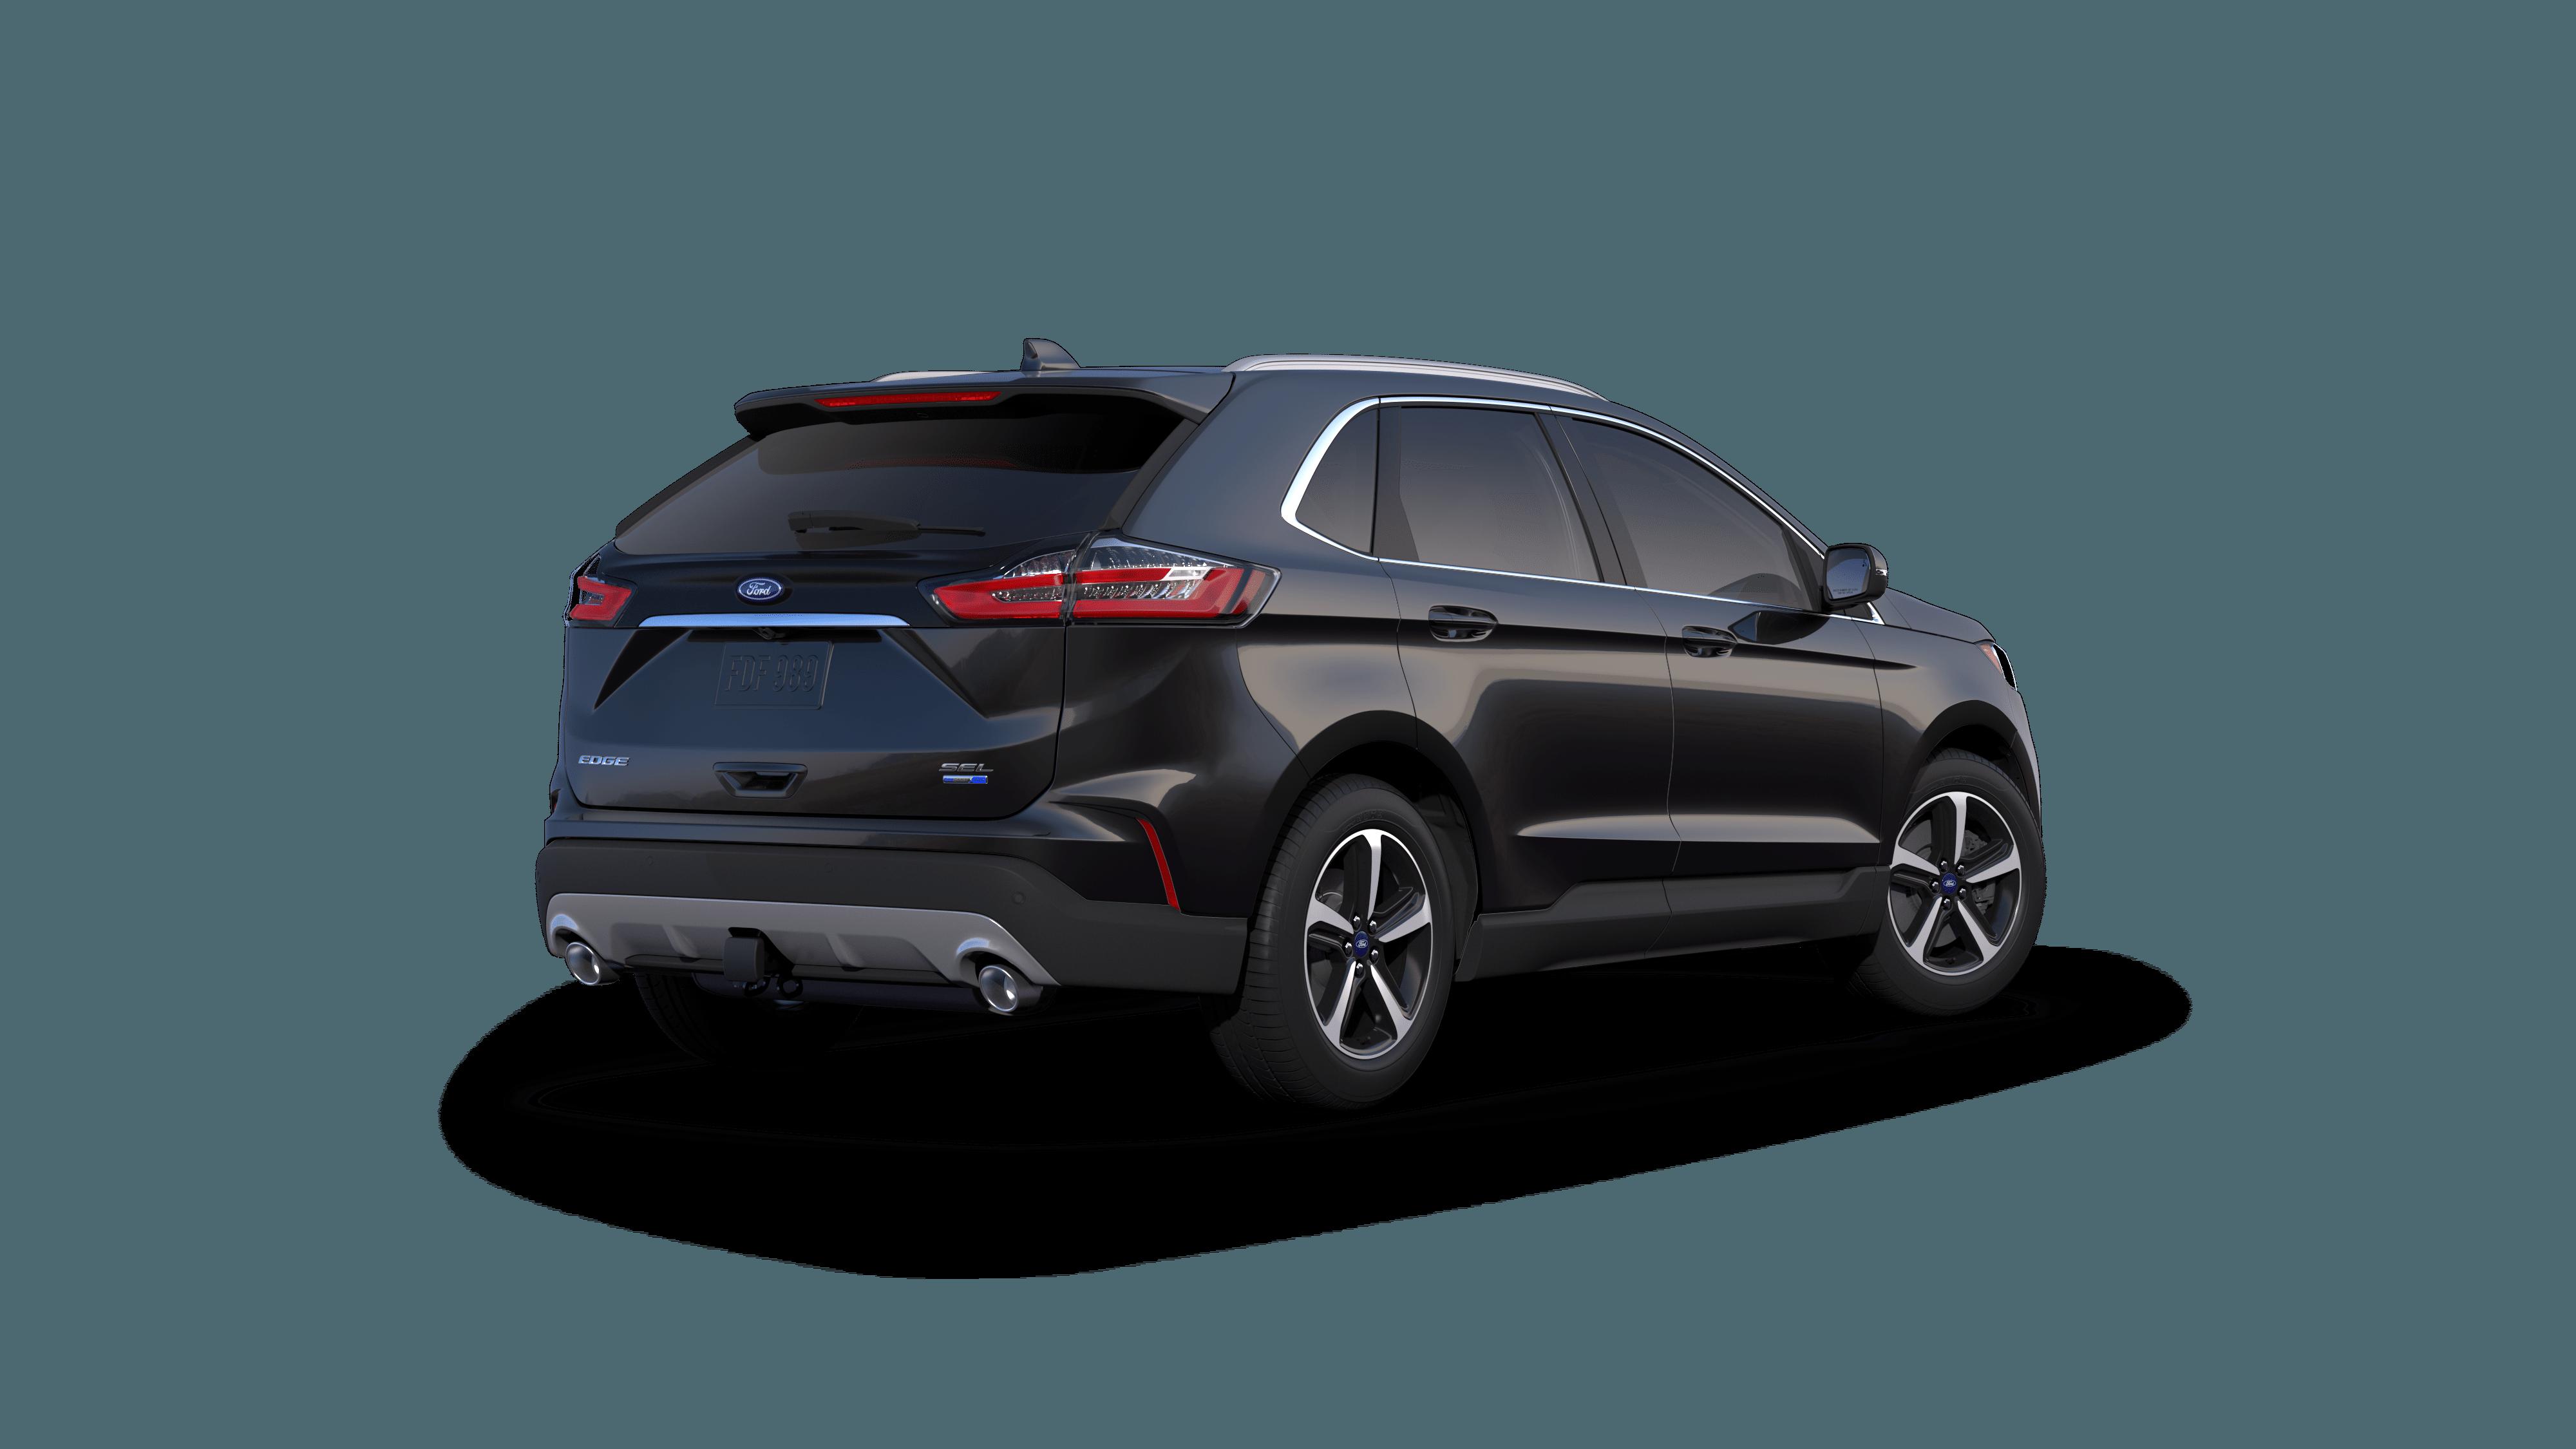 2019 Ford Edge for sale in Marshall - 2FMPK4J93KBC19349 - Boshears